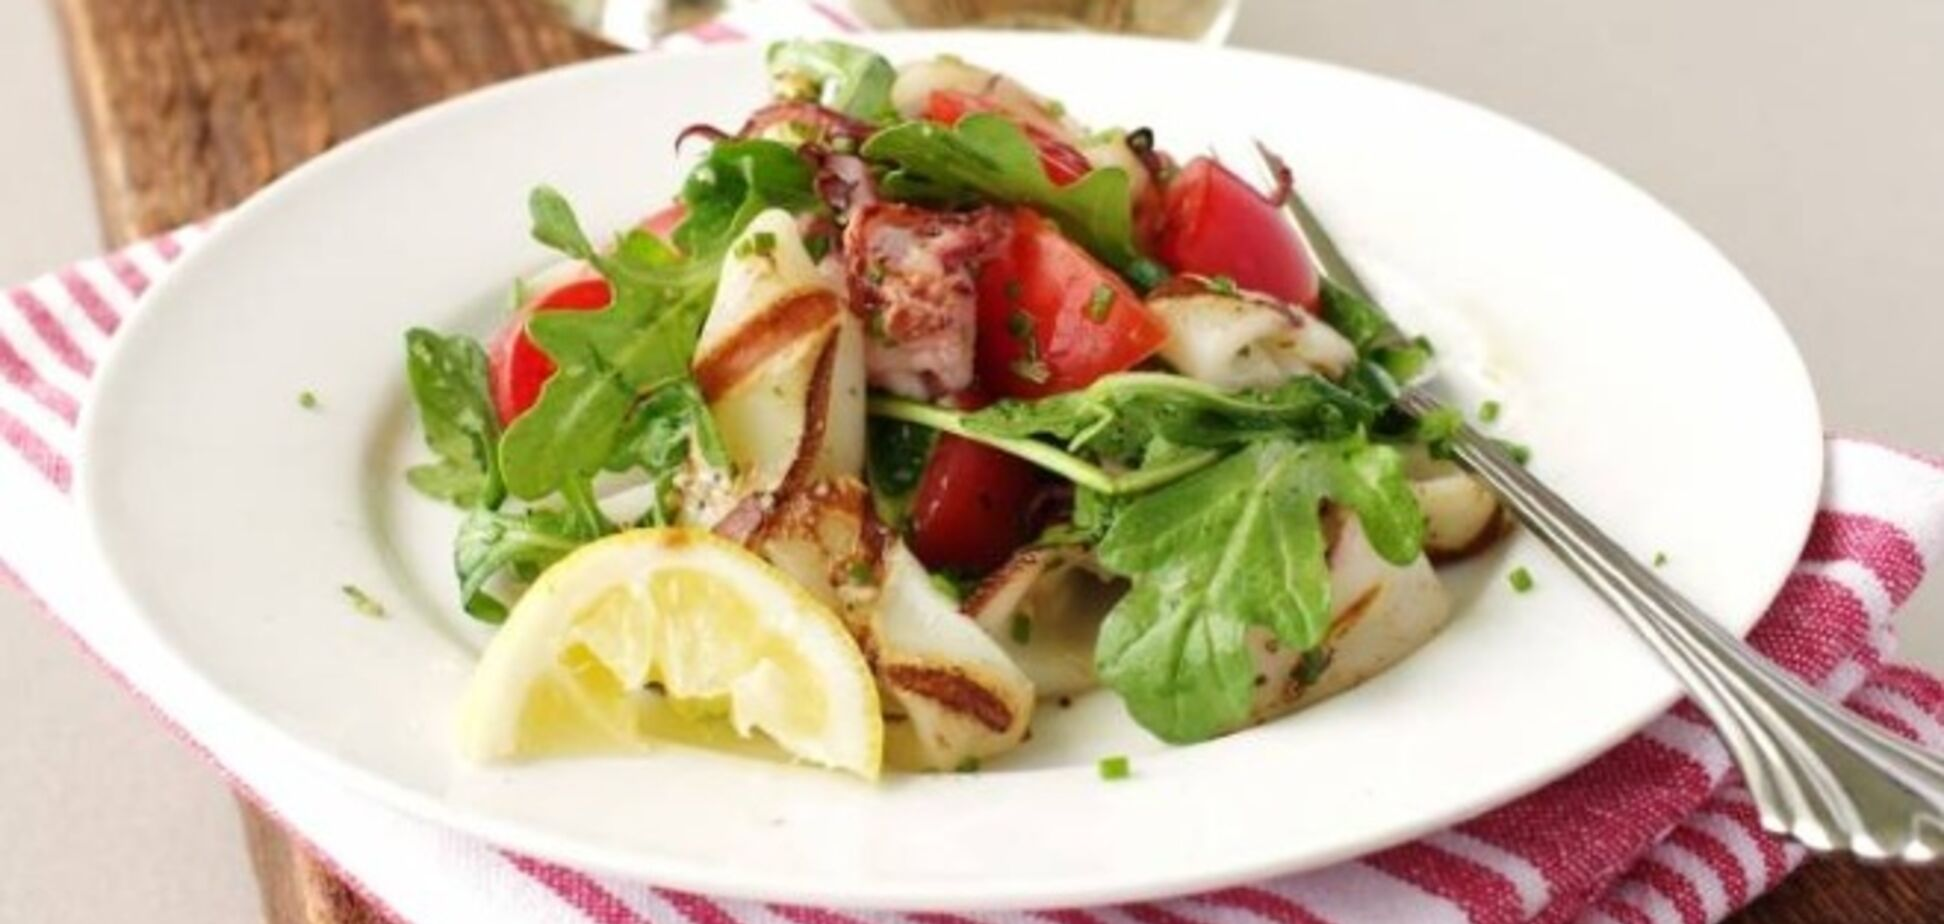 Сытно и вкусно: рецепт замечательного постного салата